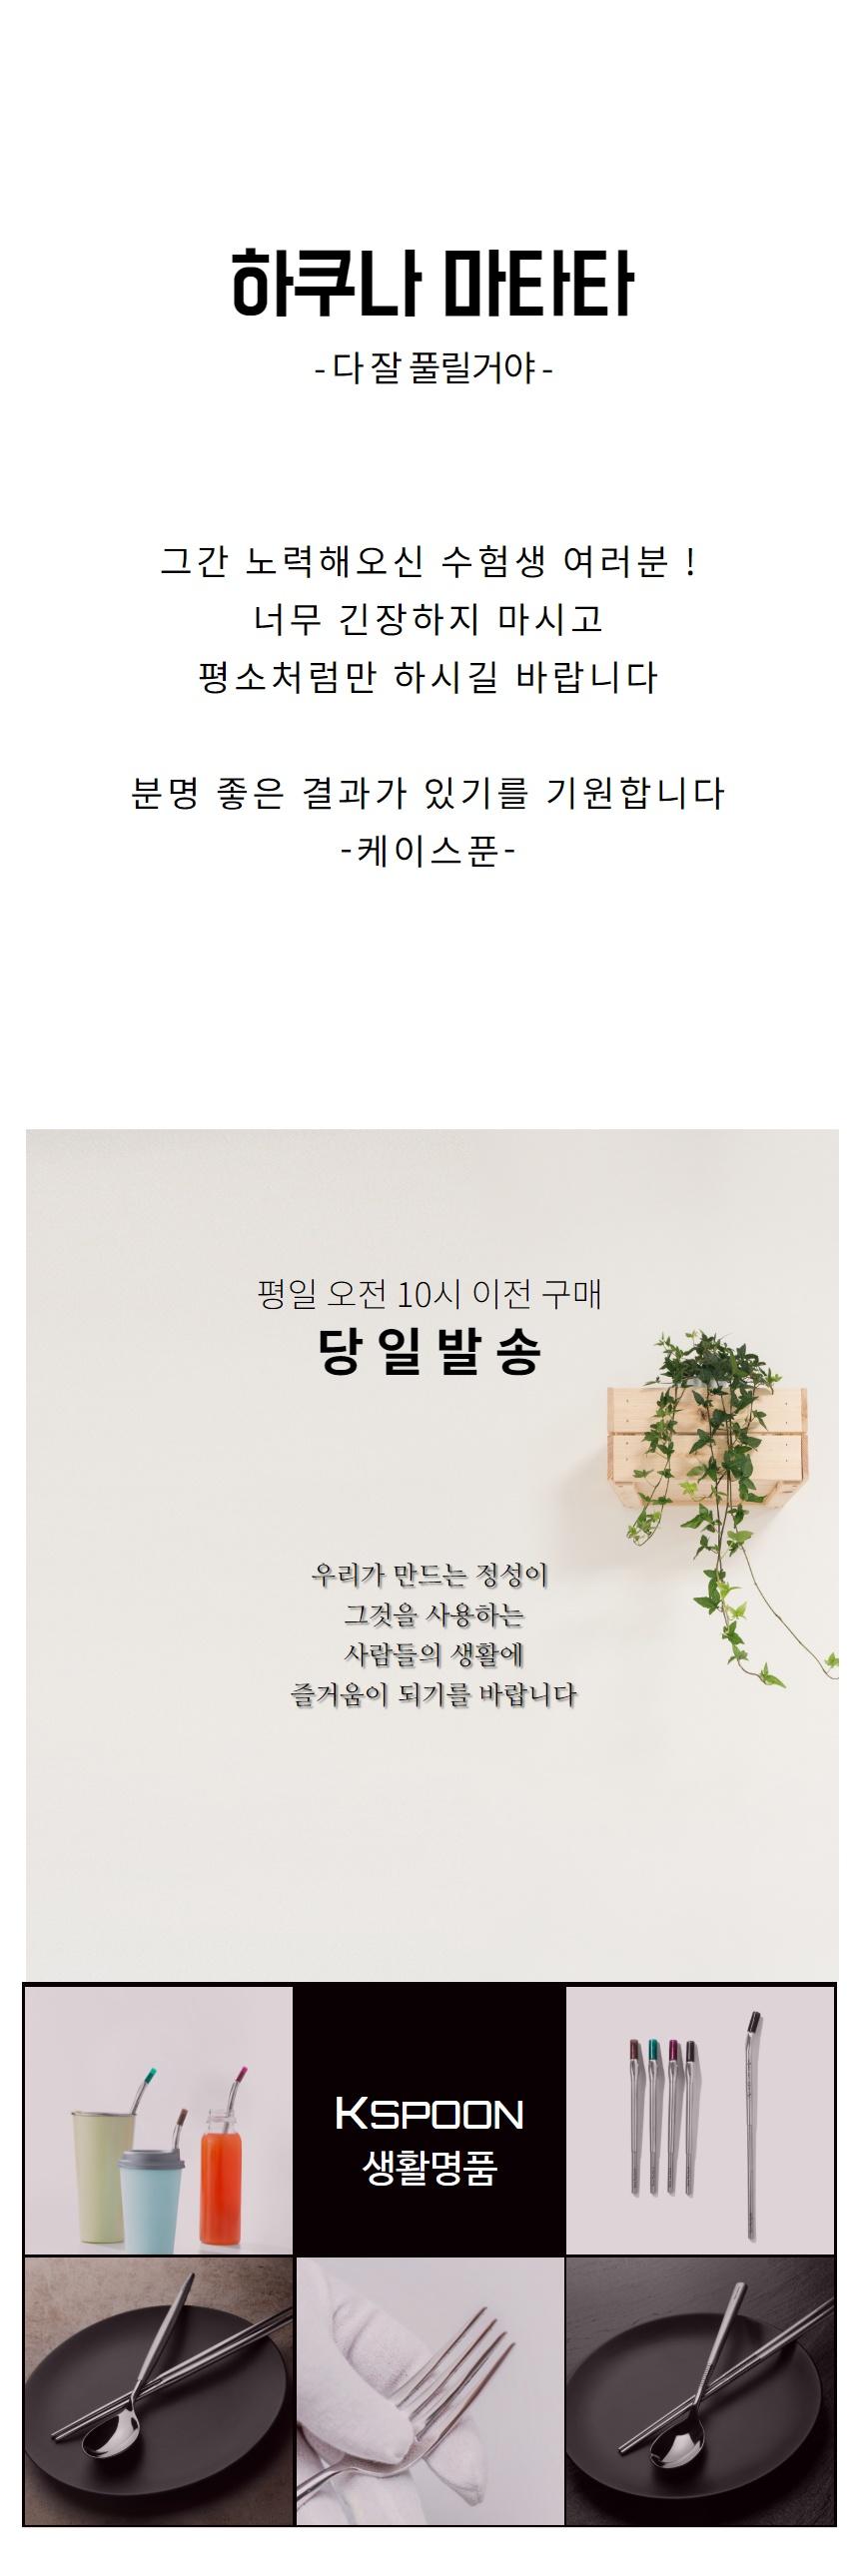 수능대박 이니셜 각인 수능포크 - 케이스푼, 5,900원, 숟가락/젓가락/스틱, 숟가락/젓가락 세트